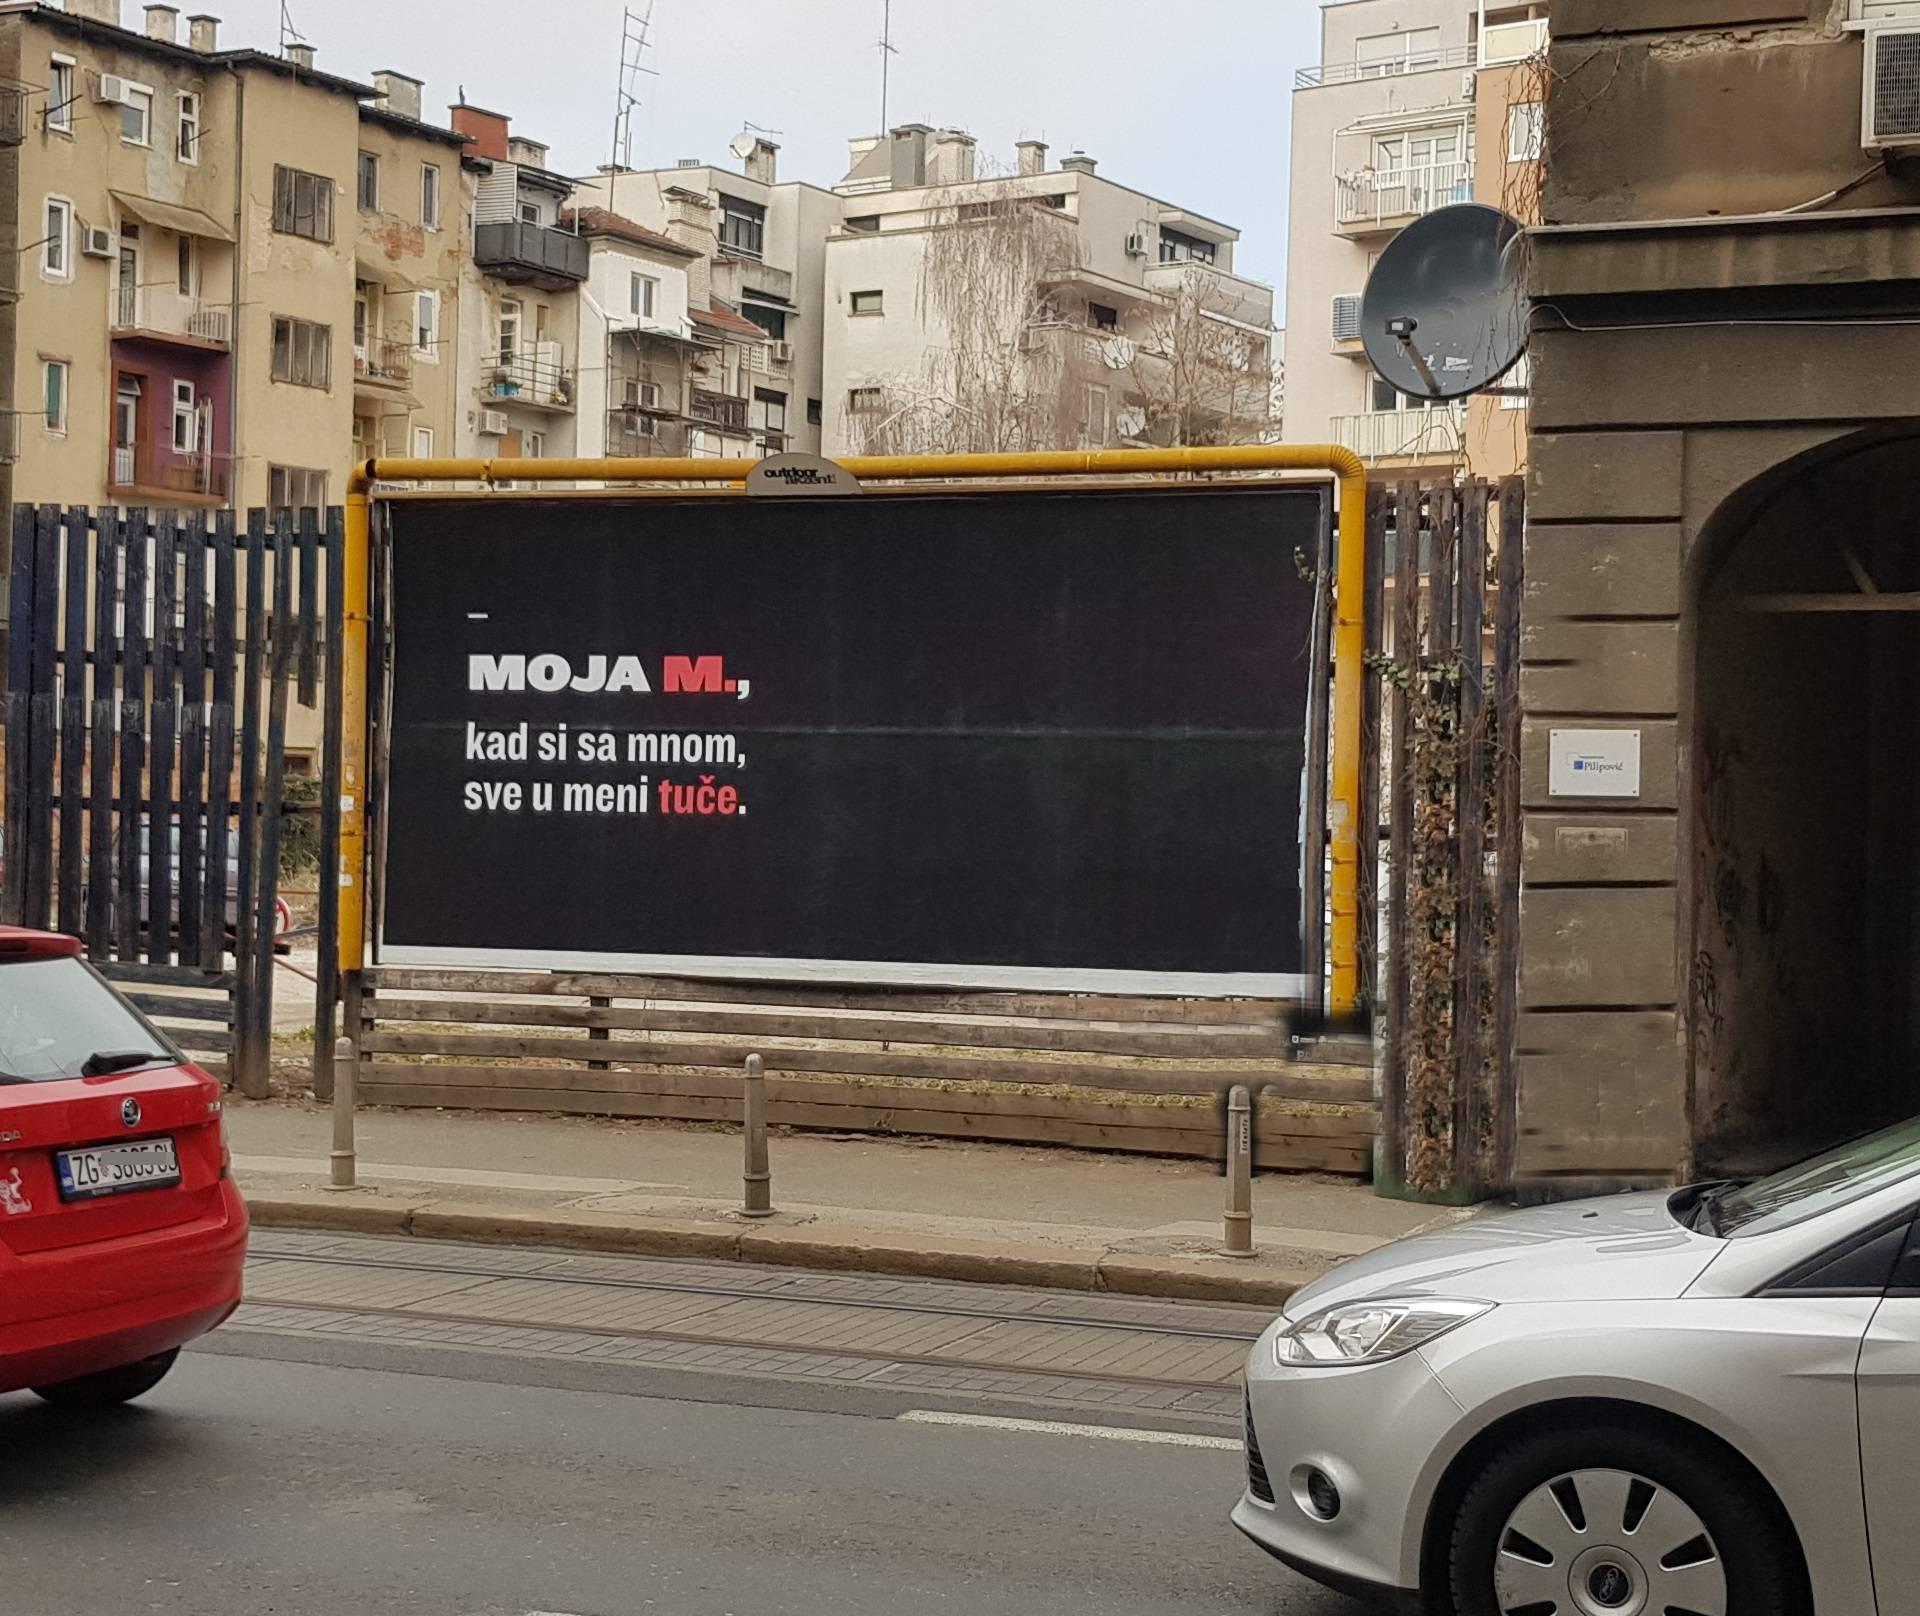 Tko je tajanstvena M. kojoj su posvećene poruke u Zagrebu?